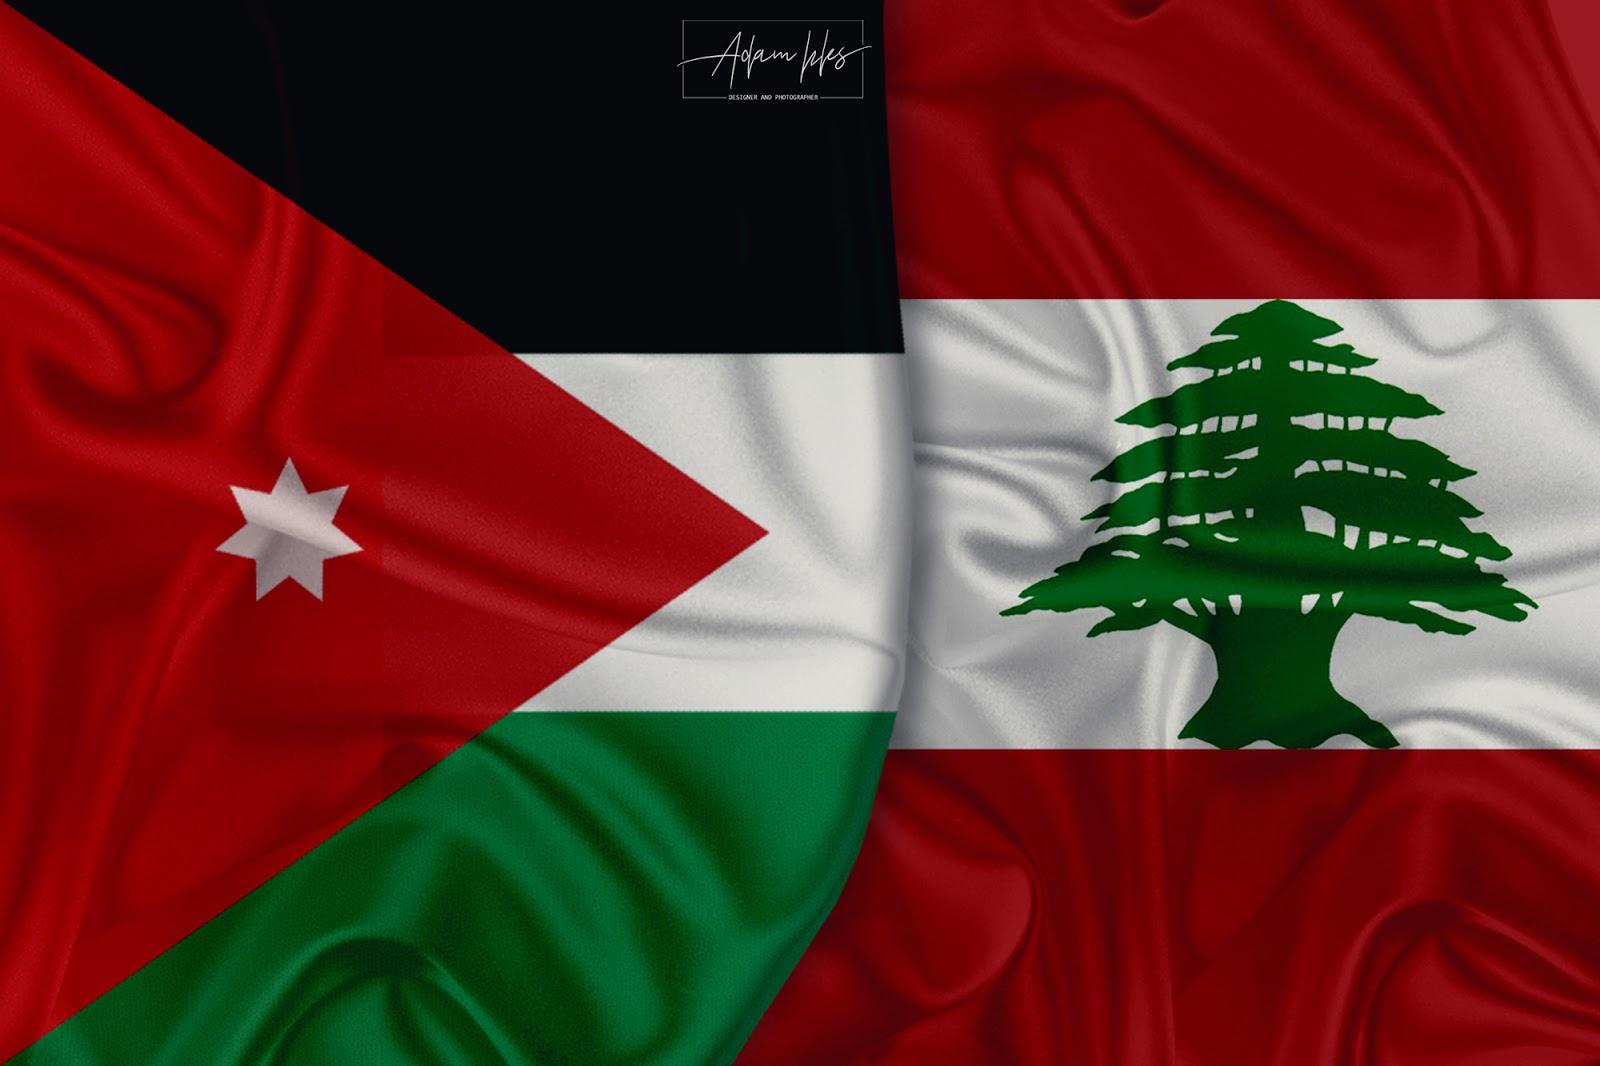 علم لبنان وعلم الاردن